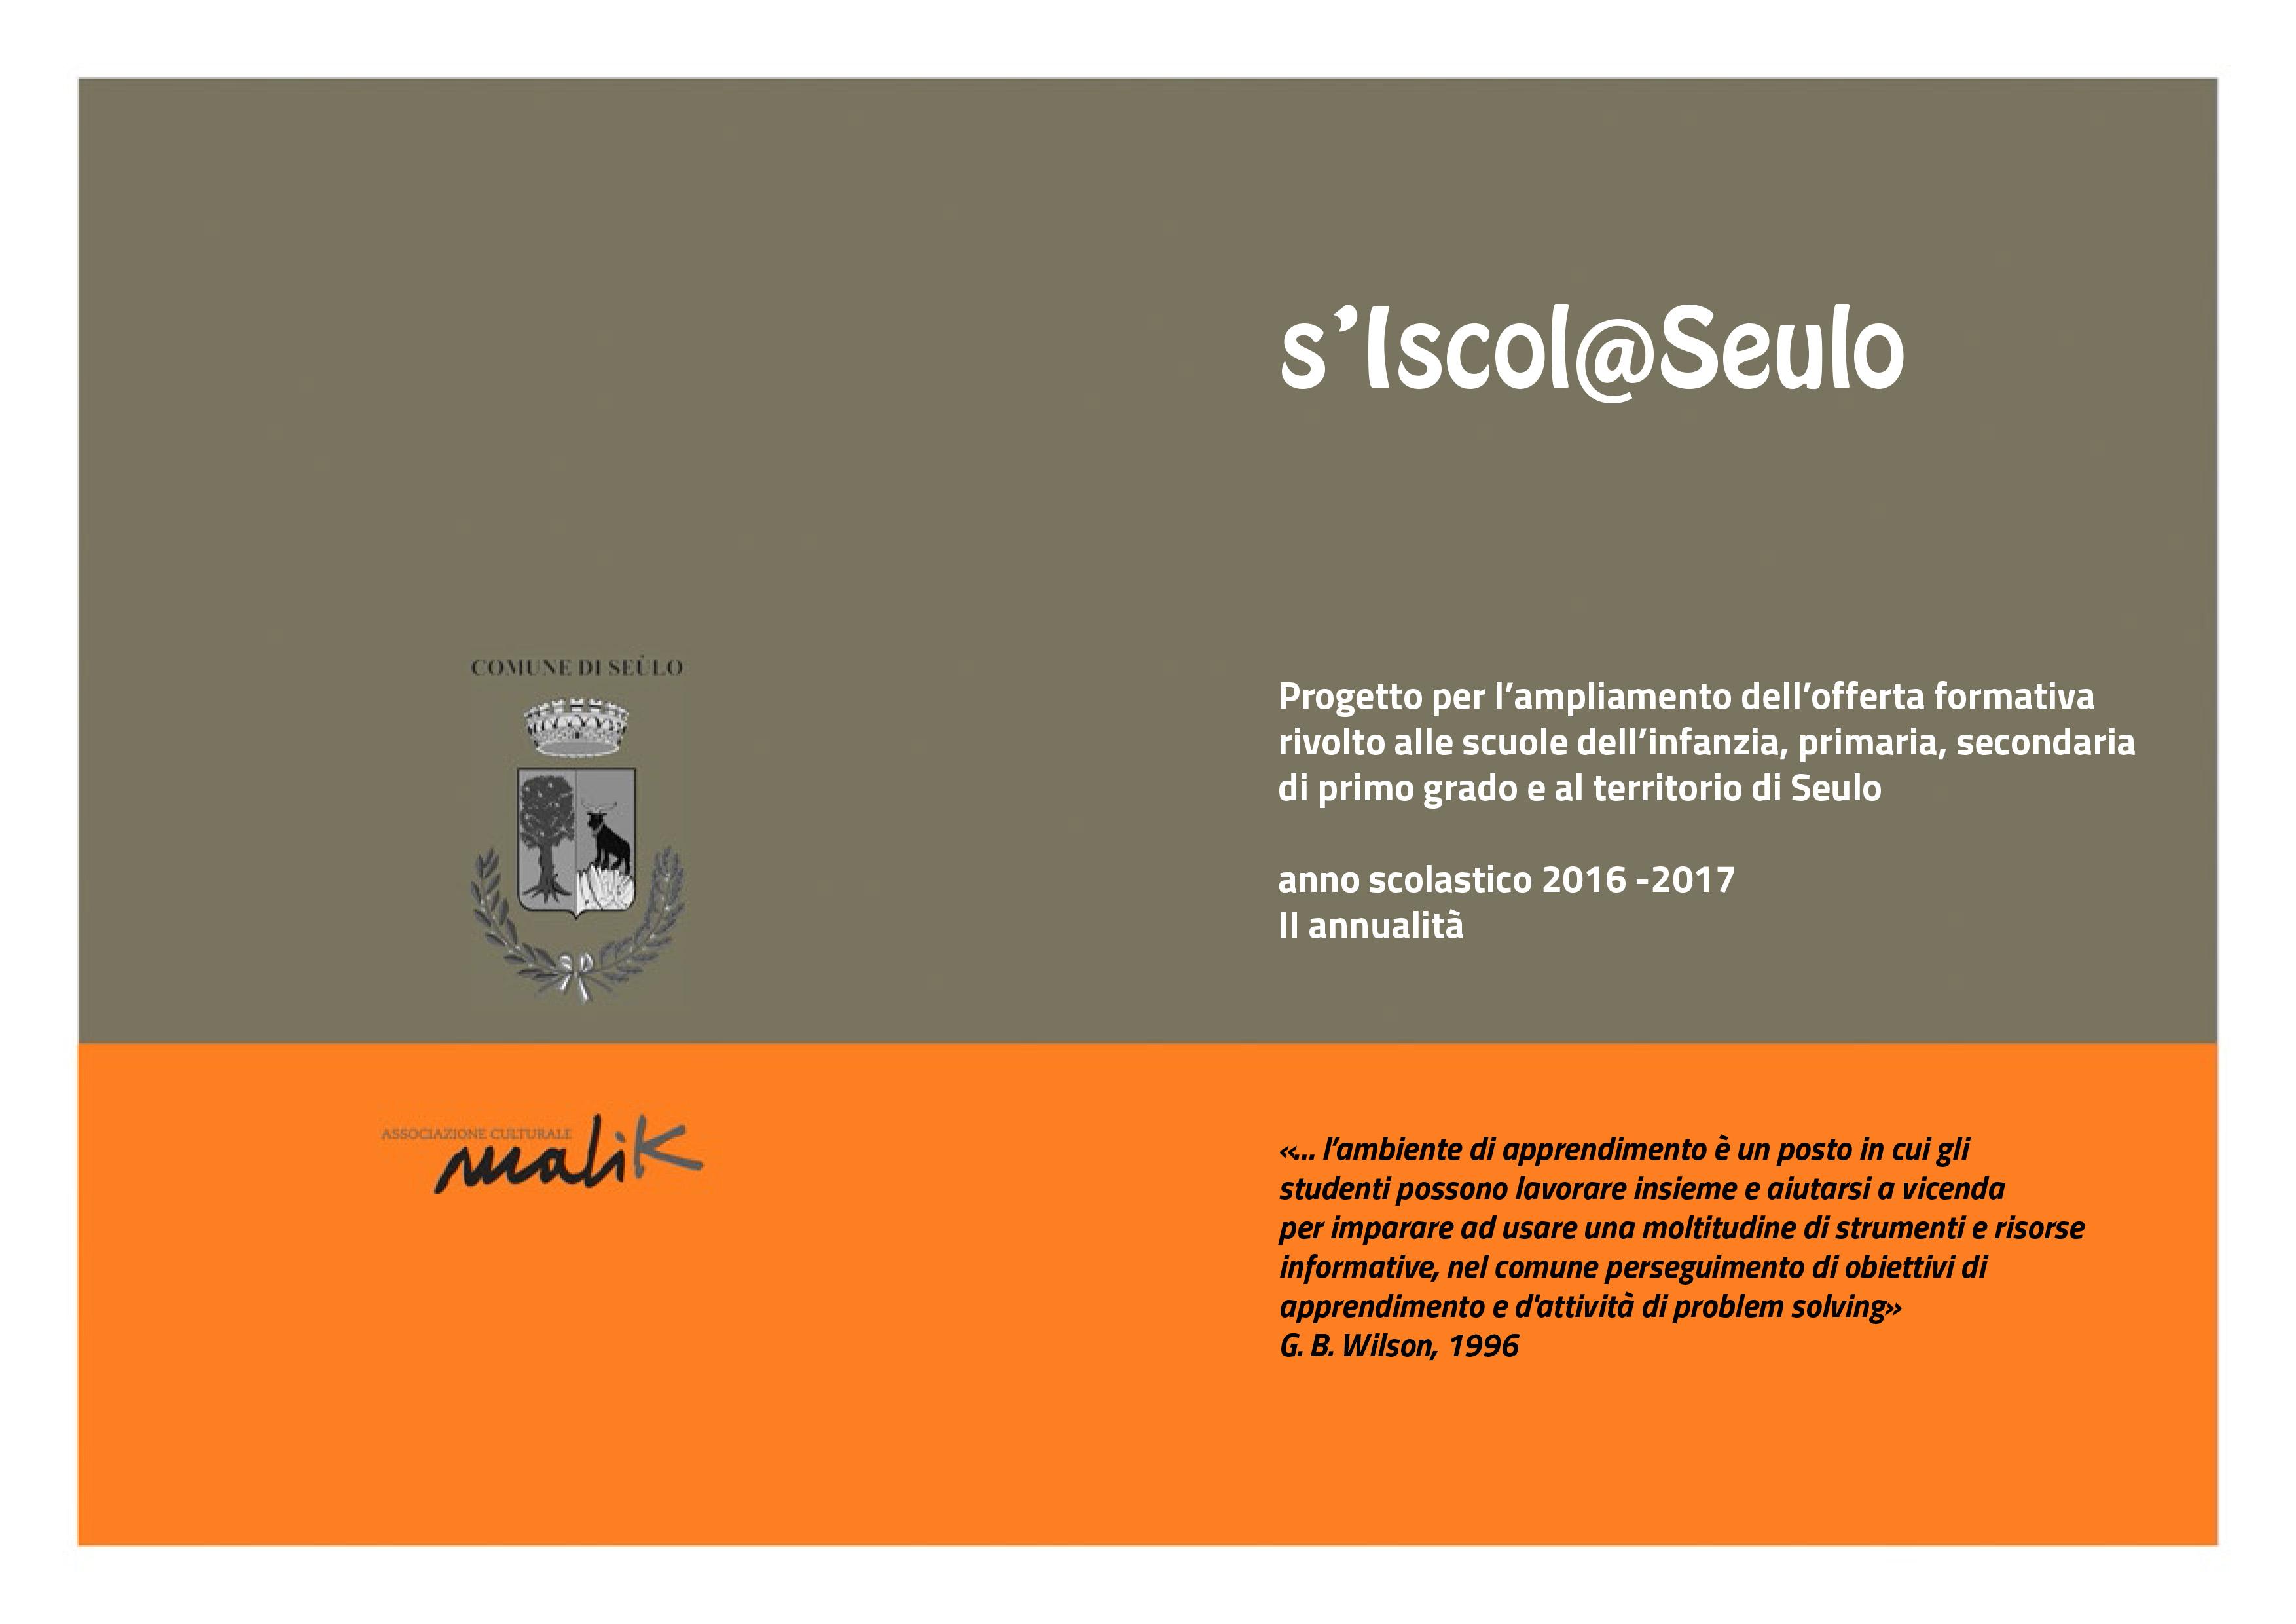 sIscol%40seulo 2016-17-1